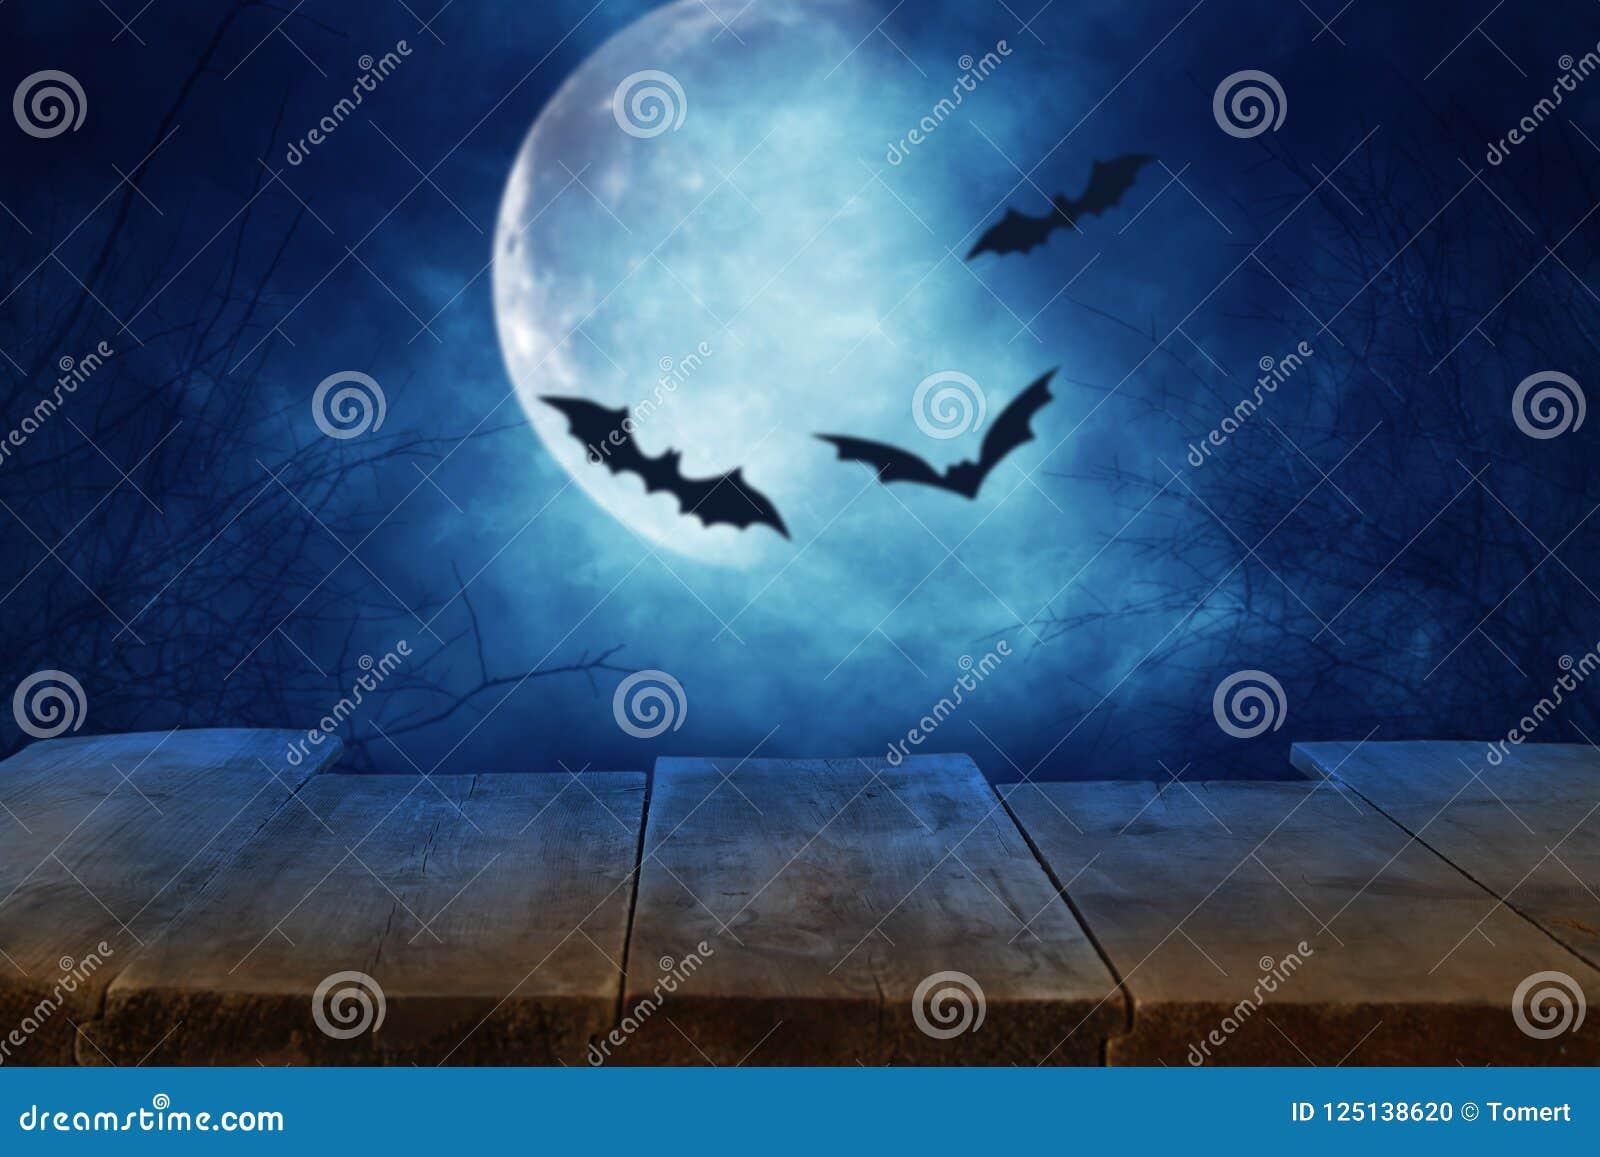 Conceito do feriado de Dia das Bruxas Esvazie a tabela rústica na frente do céu noturno assustador e enevoado com bastões e fundo